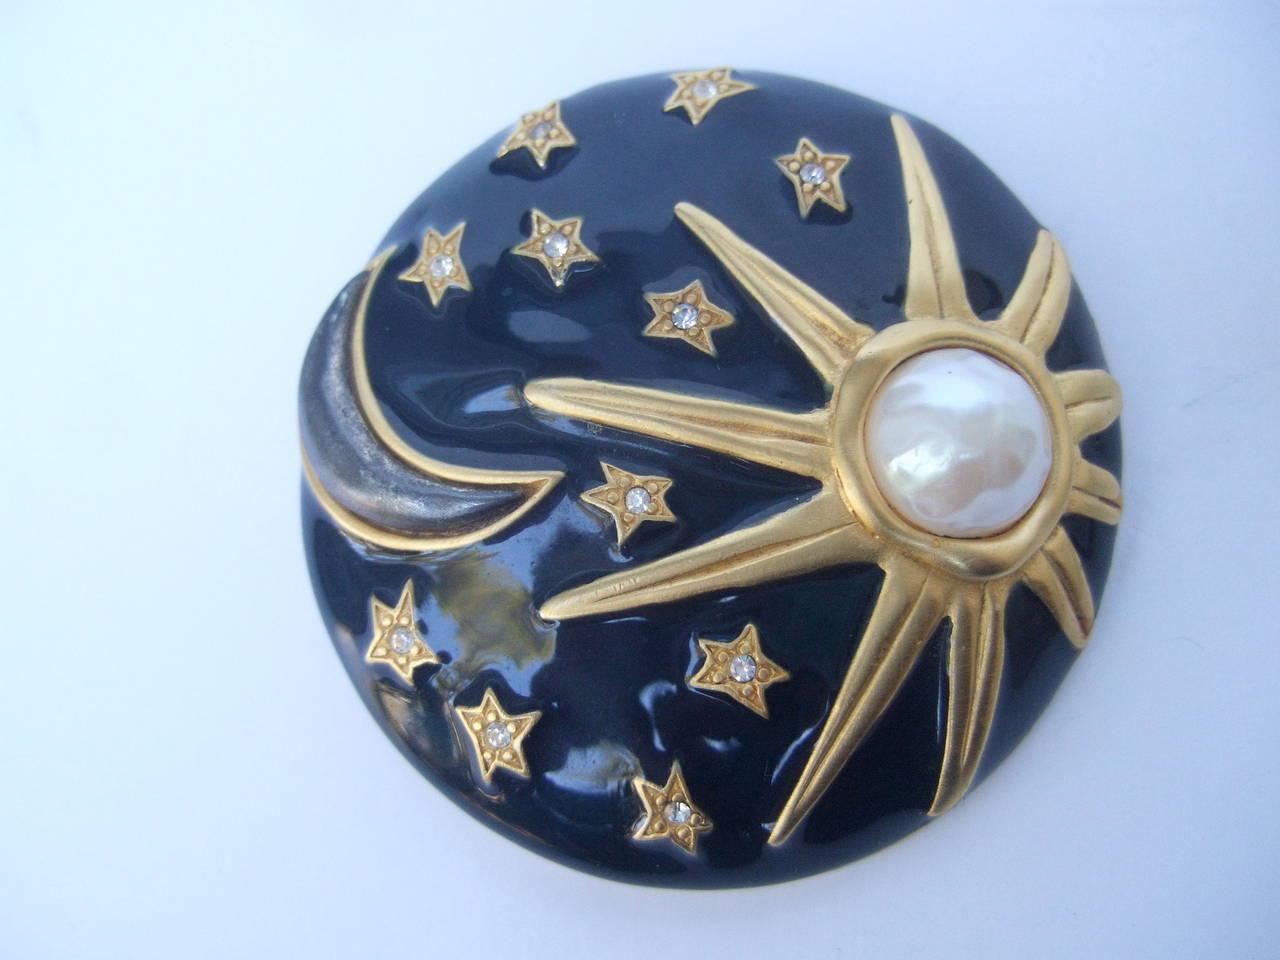 Karl Lagerfeld Jeweled Enamel Sun, Moon & Star Brooch 3